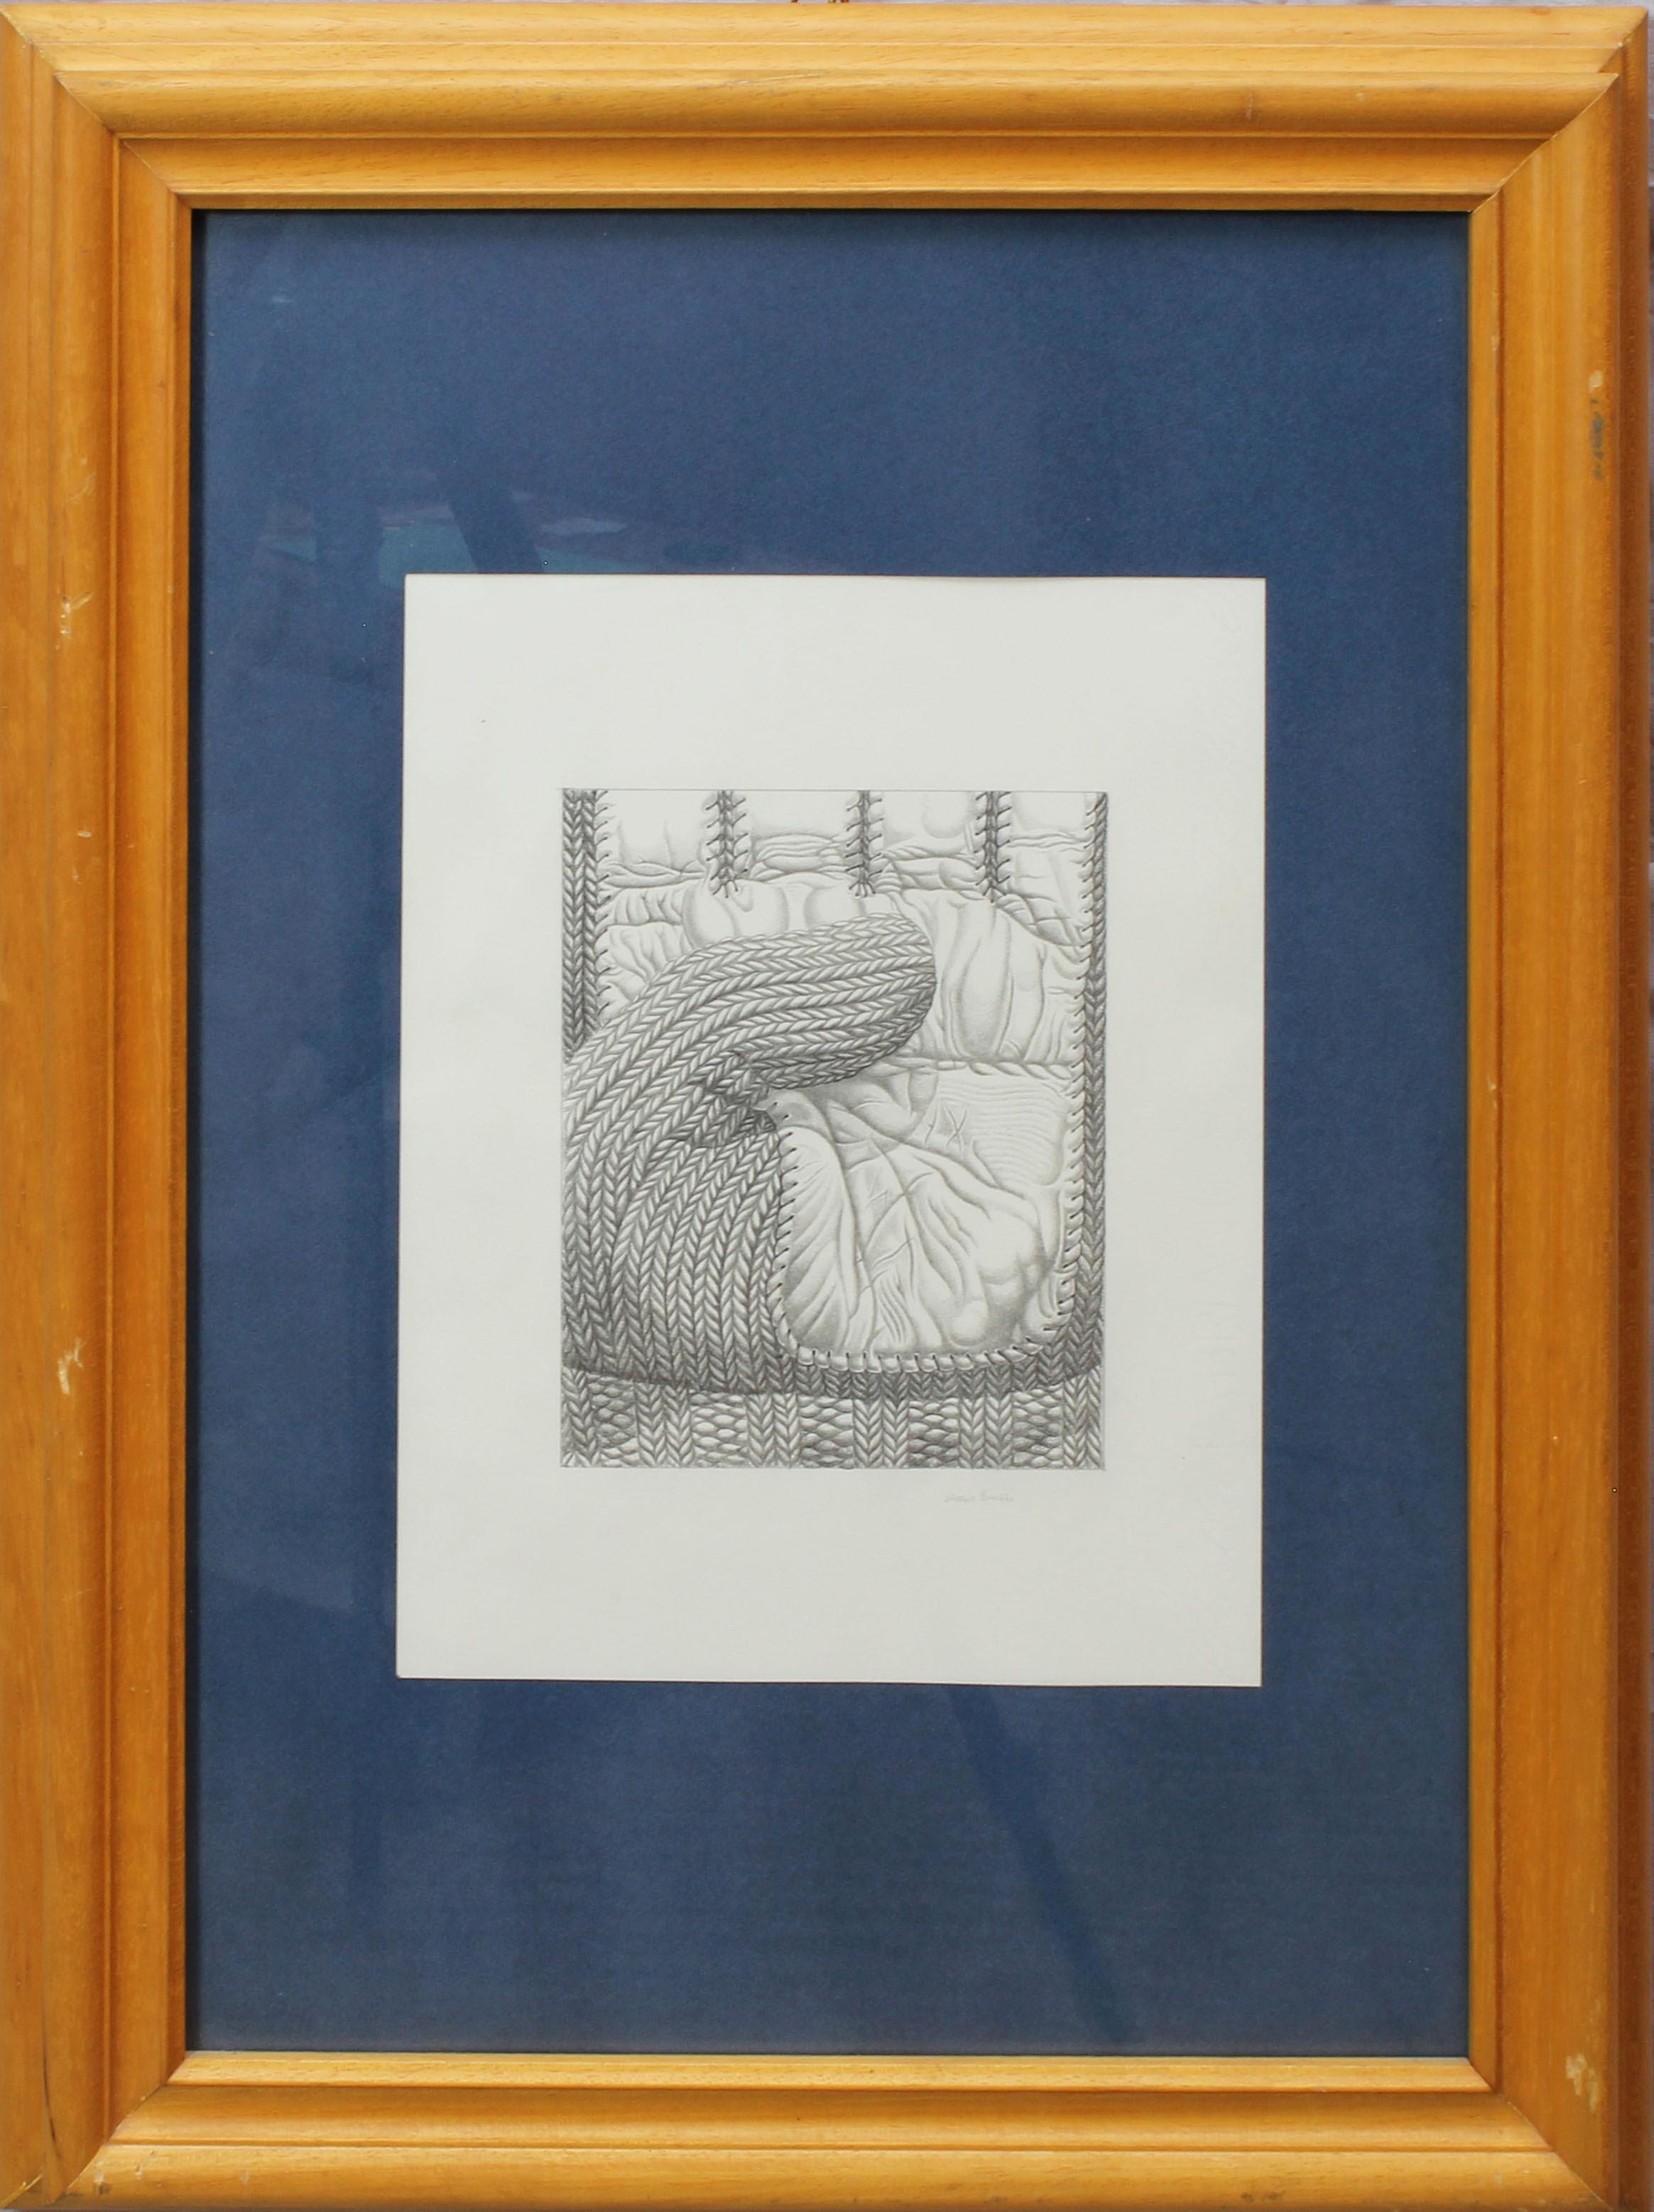 Lot 19 - Guanto di lana, grafica, Mario Brozzi